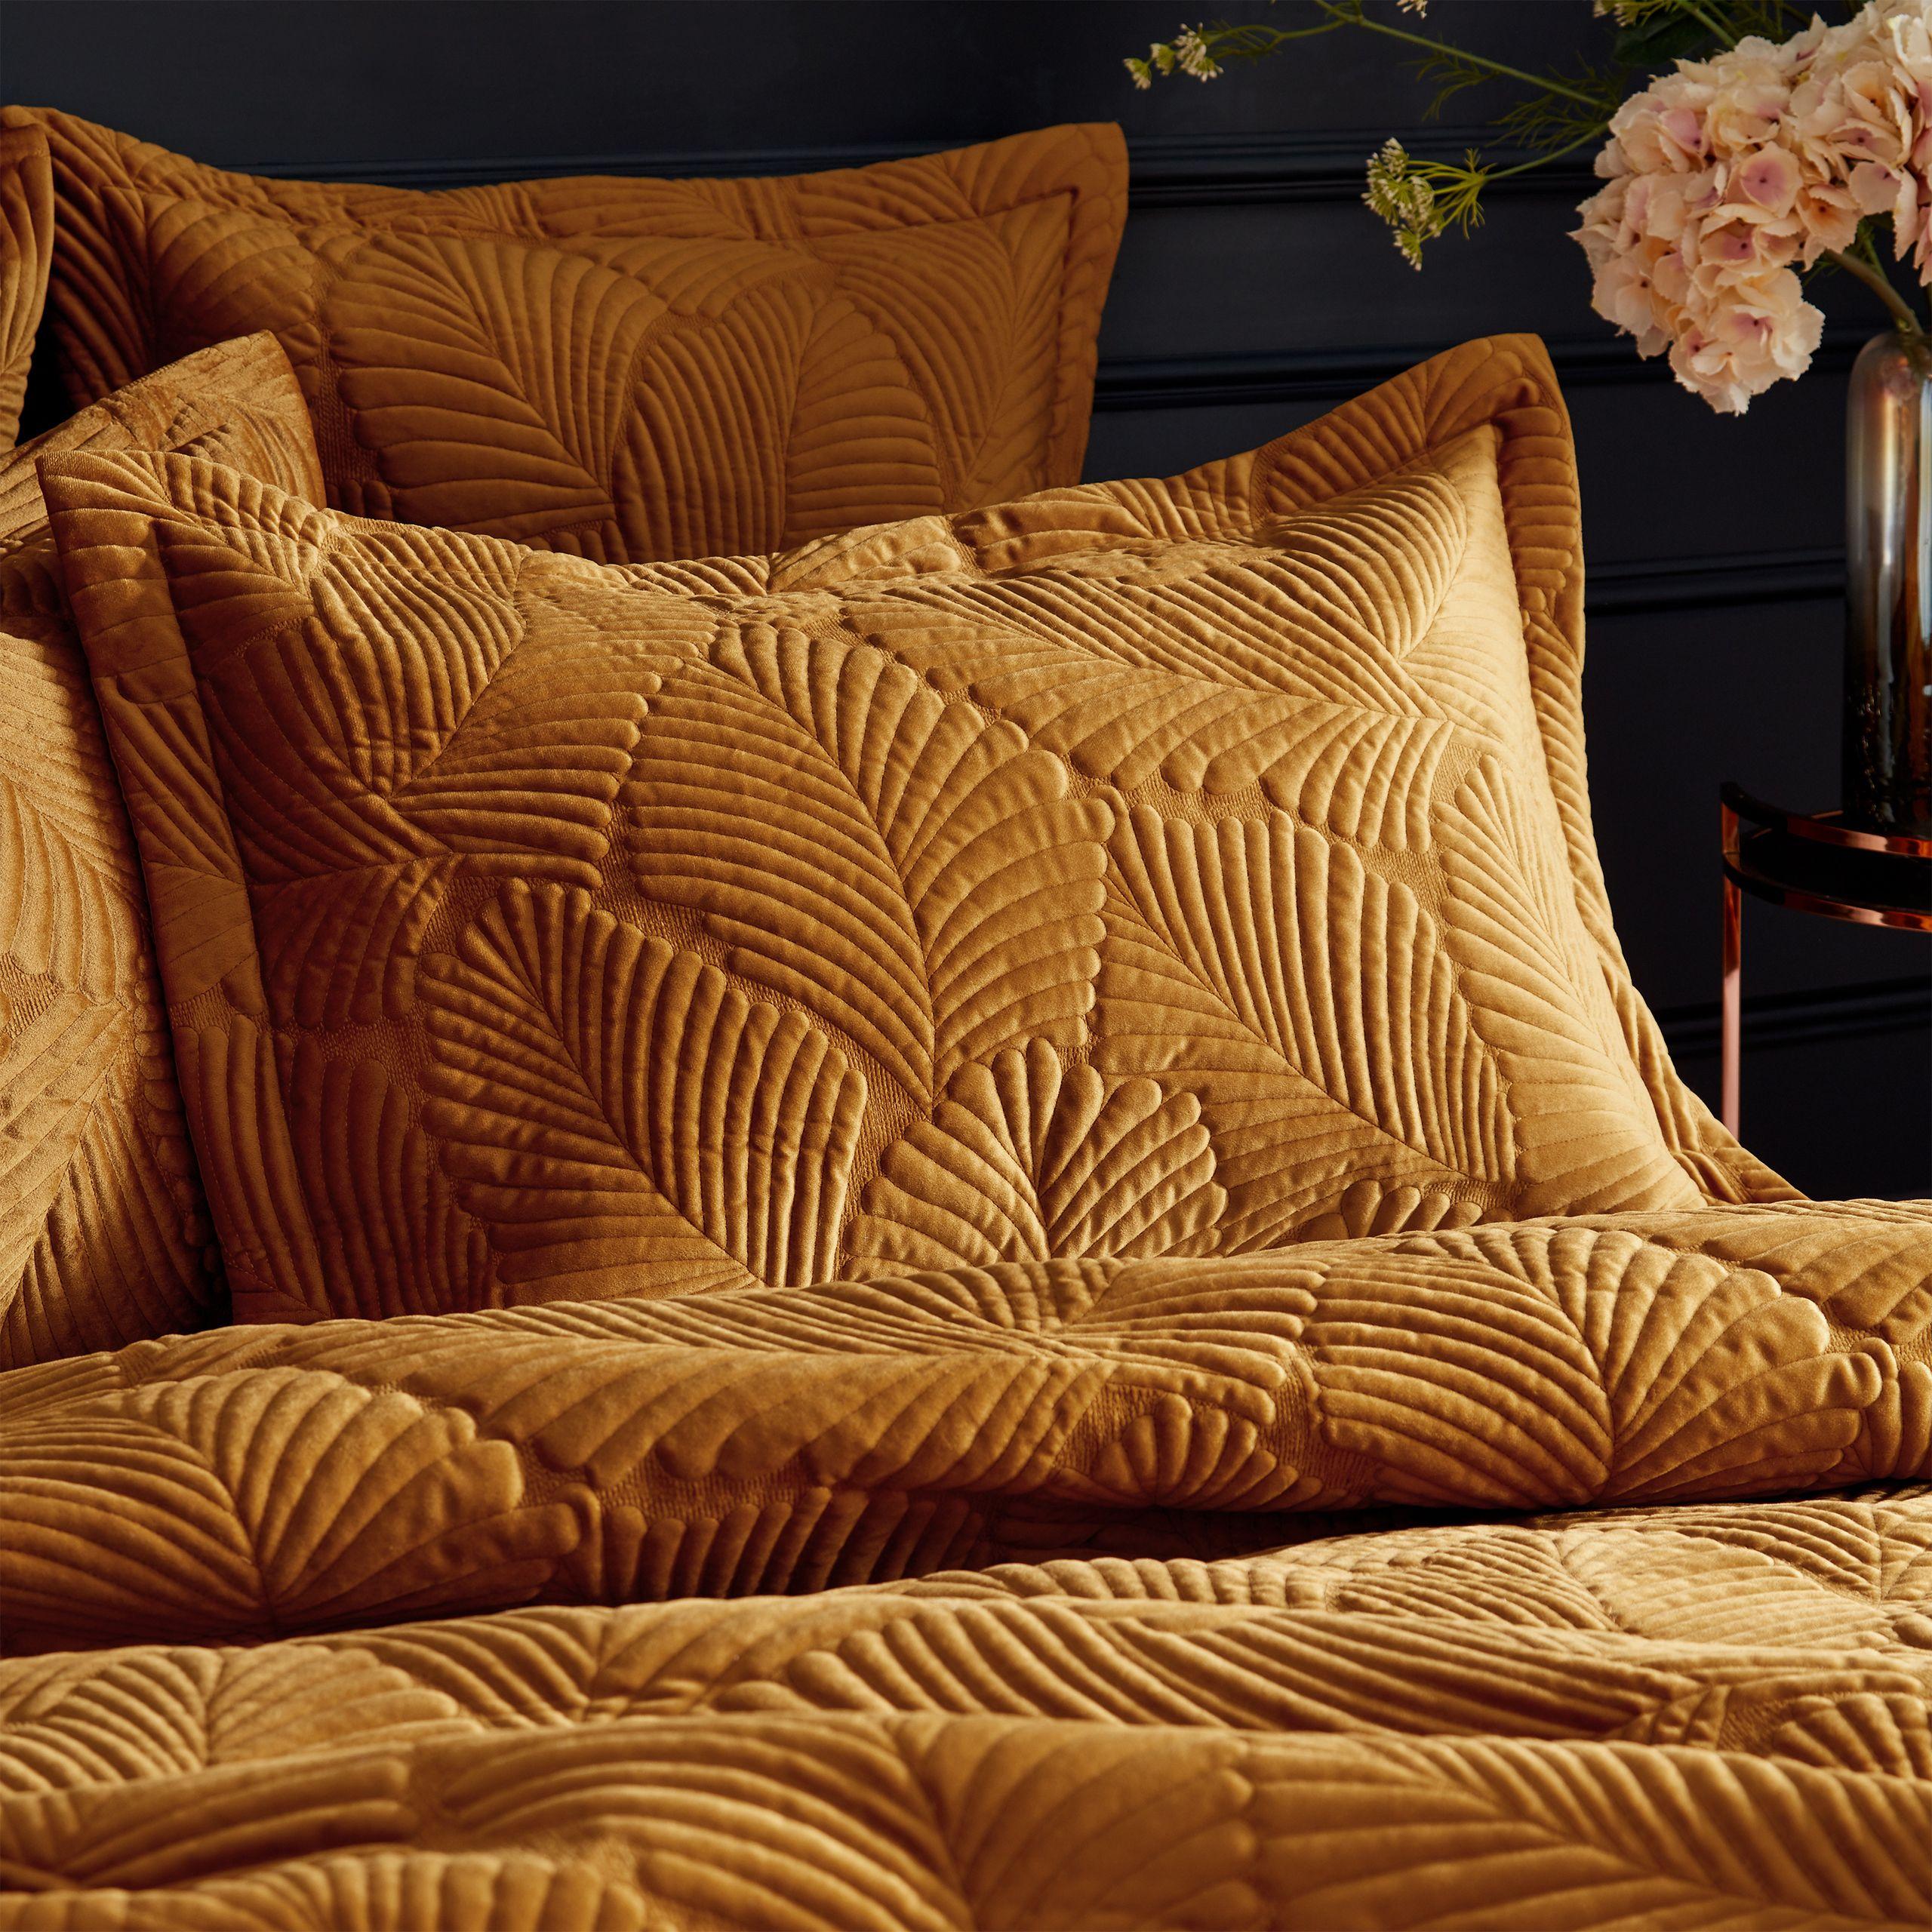 Palmeria Oxford Pillowcase